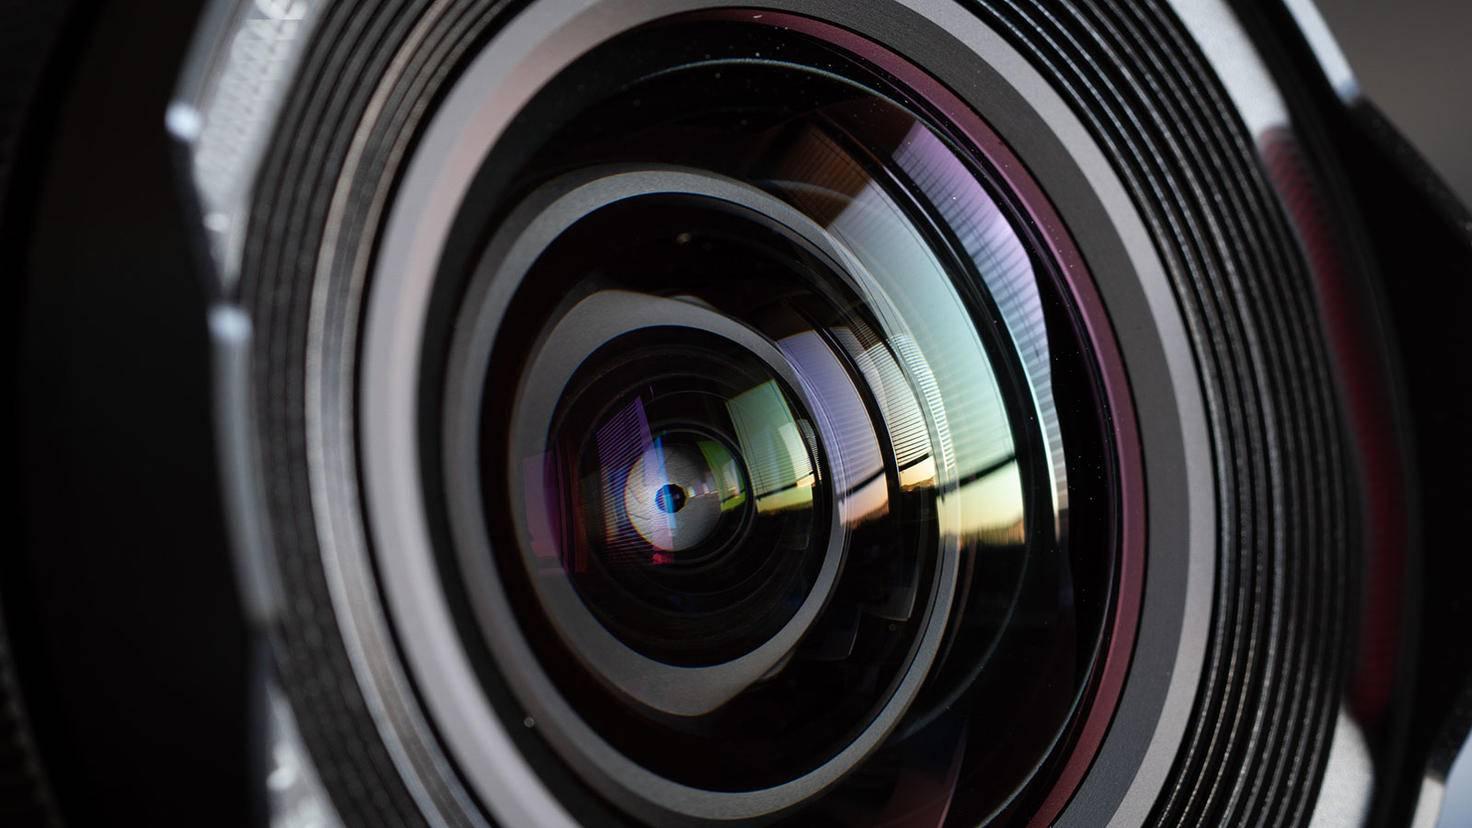 Lens Flares entstehen durch Spiegelungen innerhalb von Objektiven.